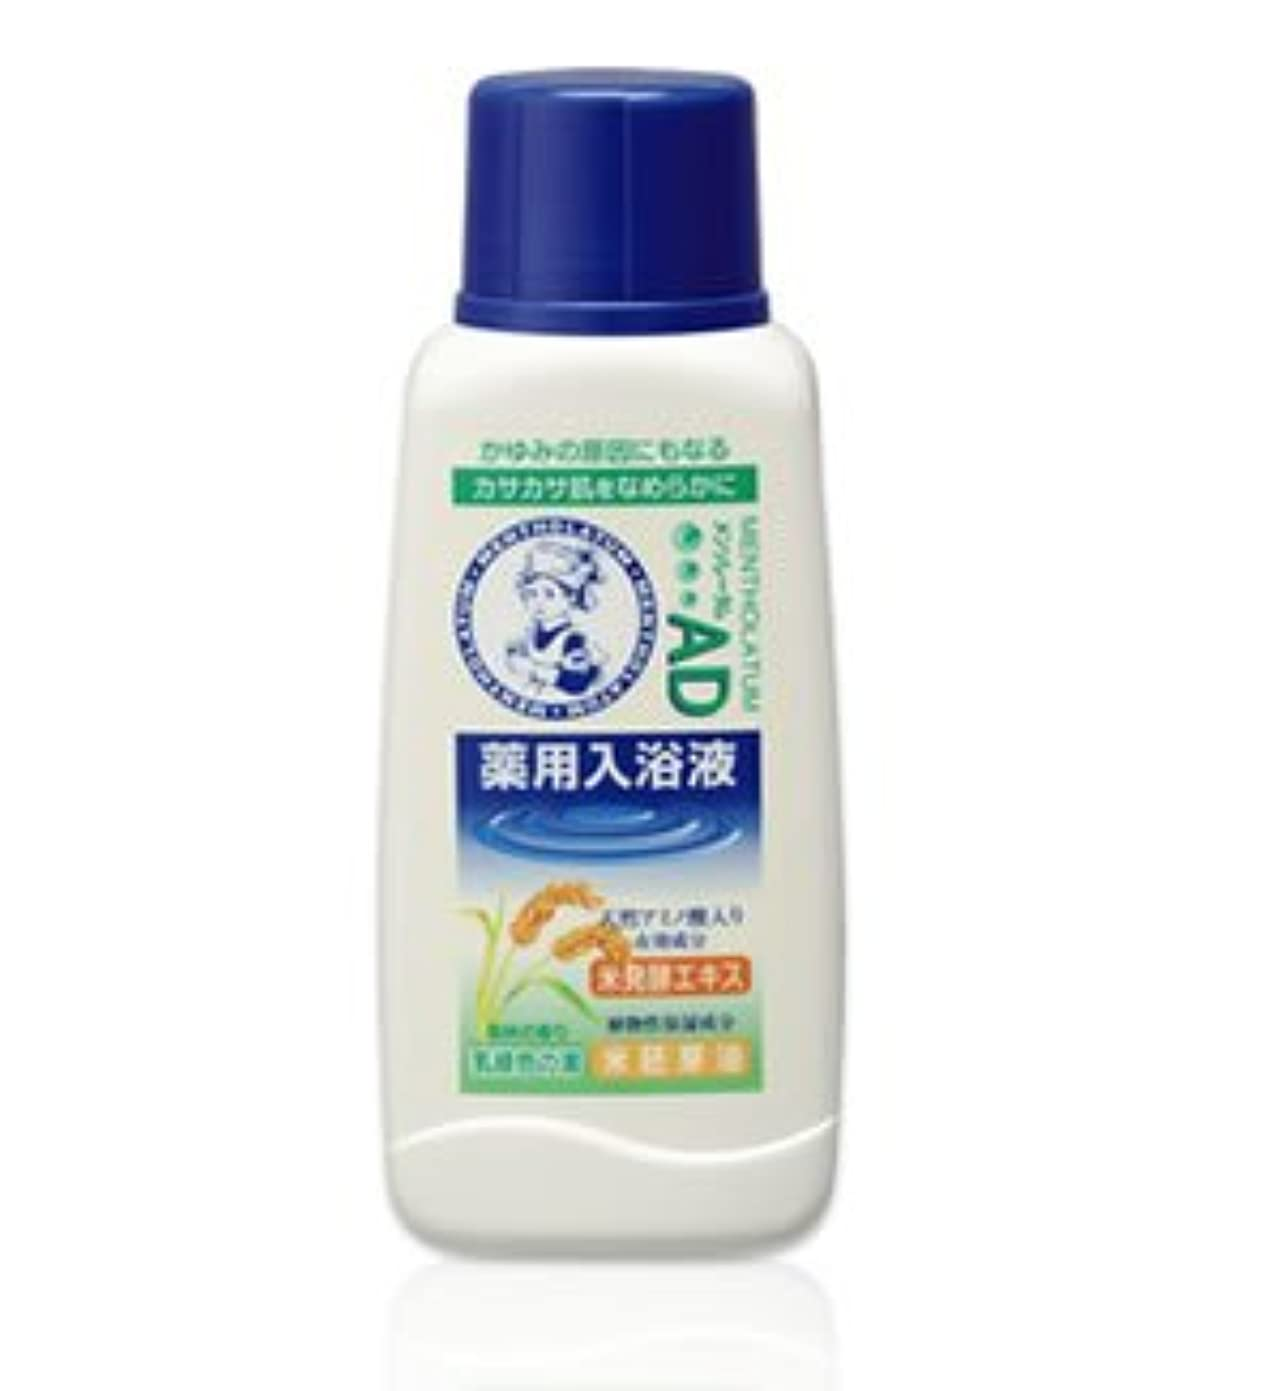 お互いあたたかい後ろに(ロート)メンソレータム AD薬用入浴剤 森林の香り720ml(医薬部外品)(お買い得3本セット)